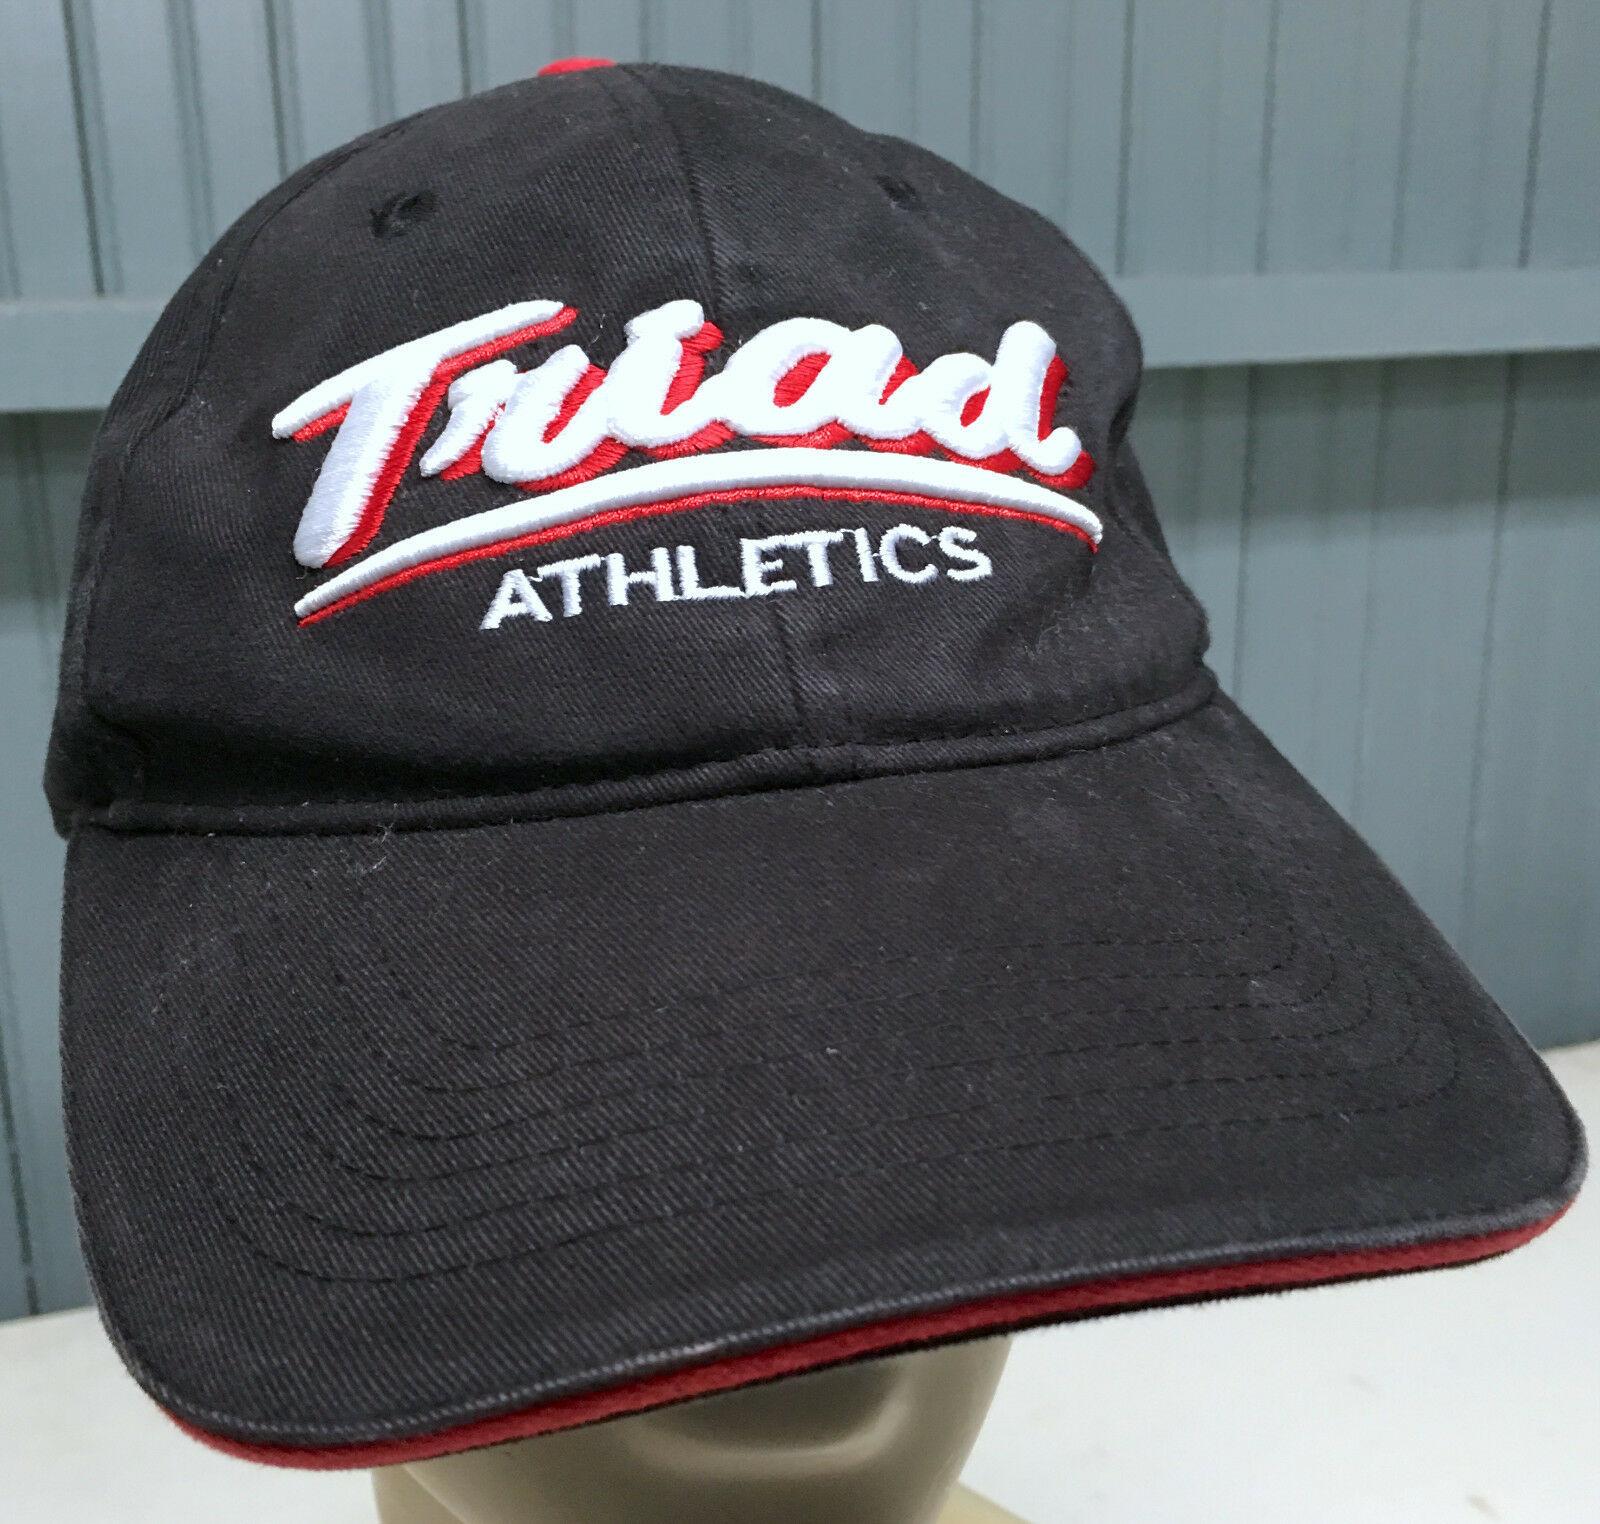 Triad Athletics Cheerleading Adjustable Baseball Cap Hat